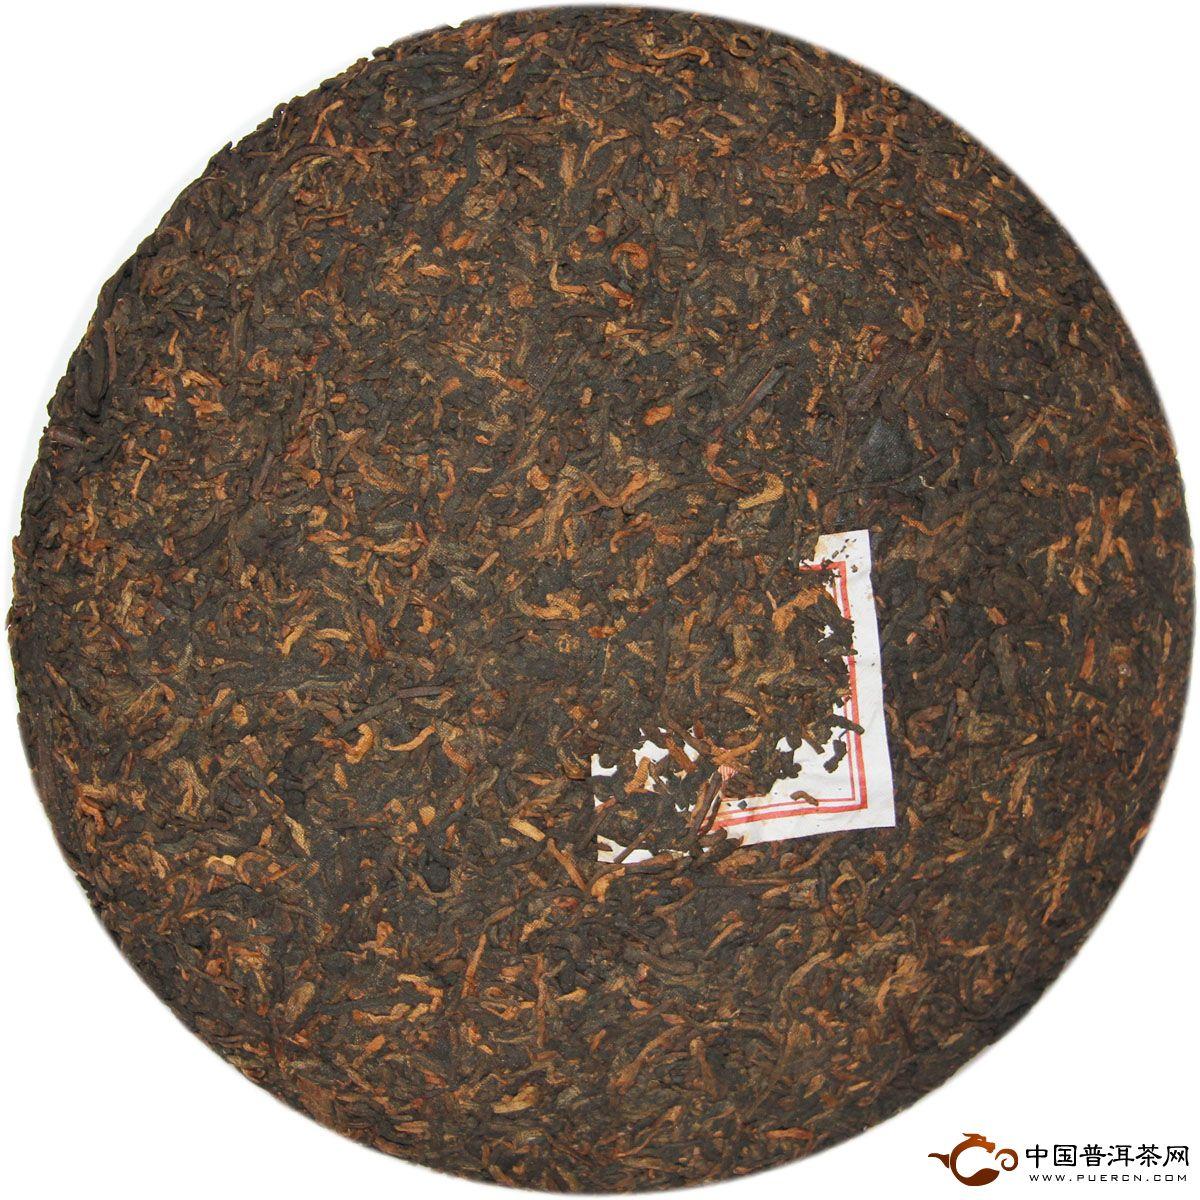 2013年陈升号蛇年生肖纪念饼(熟茶) 500克